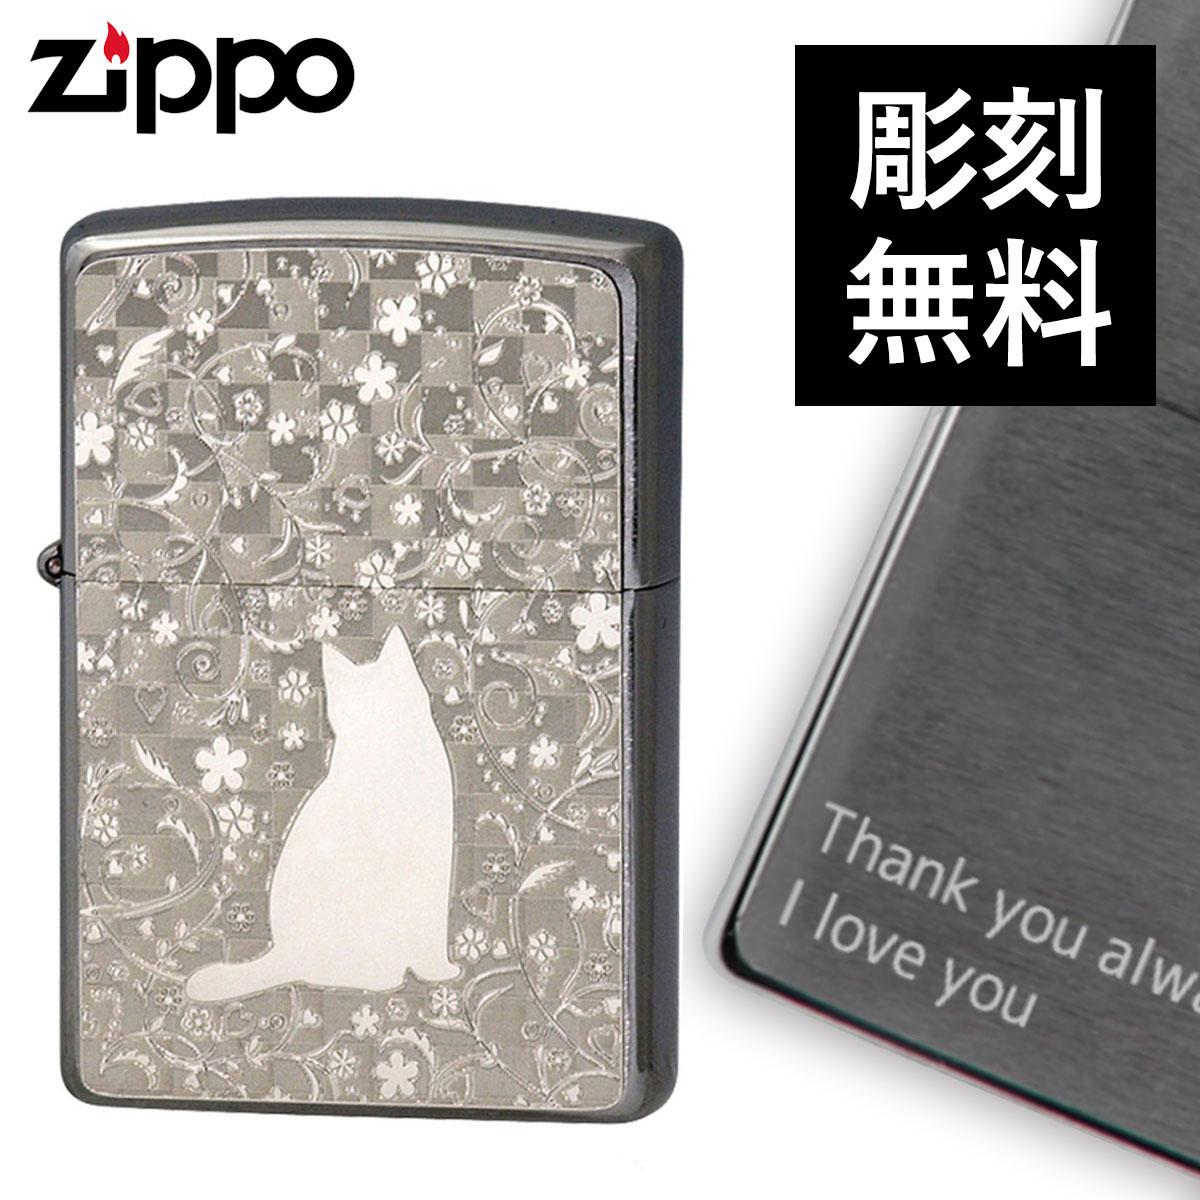 Zippo ジッポー Zippoライター ジッポライター 名入れ ライター ジッポライター 猫 200 フラットボトム メタルペイントプレート ホワイトニッケル 2MP-ネコと花 ギフト プレゼント 贈り物 返品不可 彫刻 無料 名前 名入れ メッセージ 喫煙具